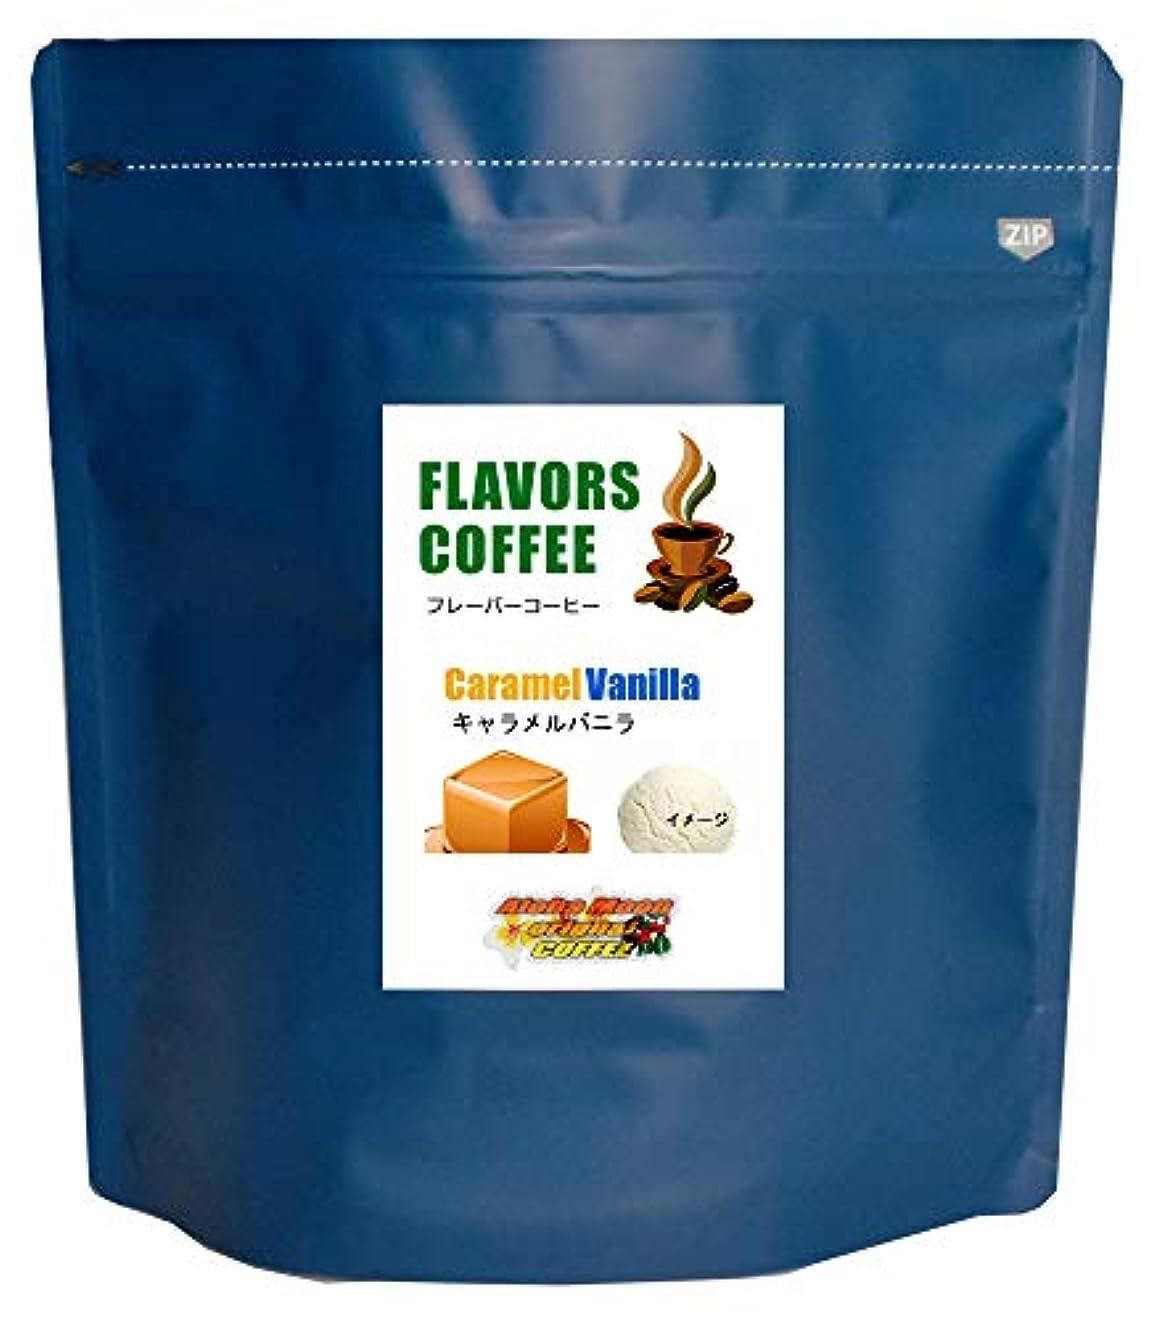 乱闘ロードハウスアルミニウムアロハムーン フレーバーコーヒー キャラメルバニラの香り 最高ランクコーヒー豆使用 (200g 豆)